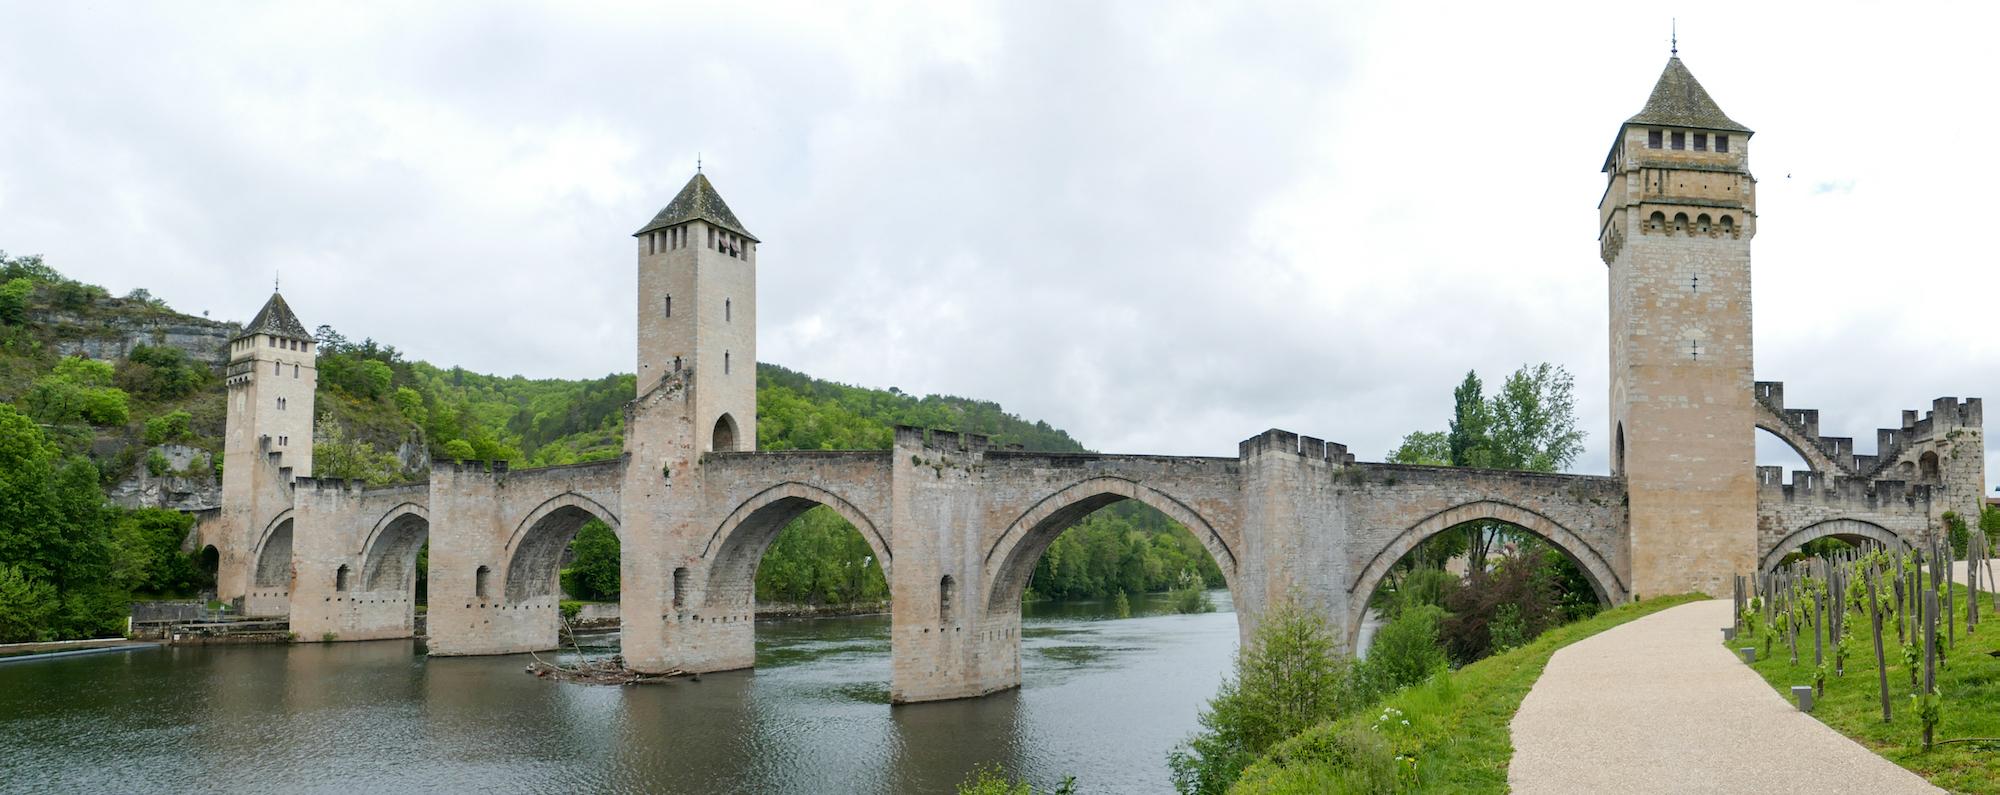 Cahors, Brücke über den Lot